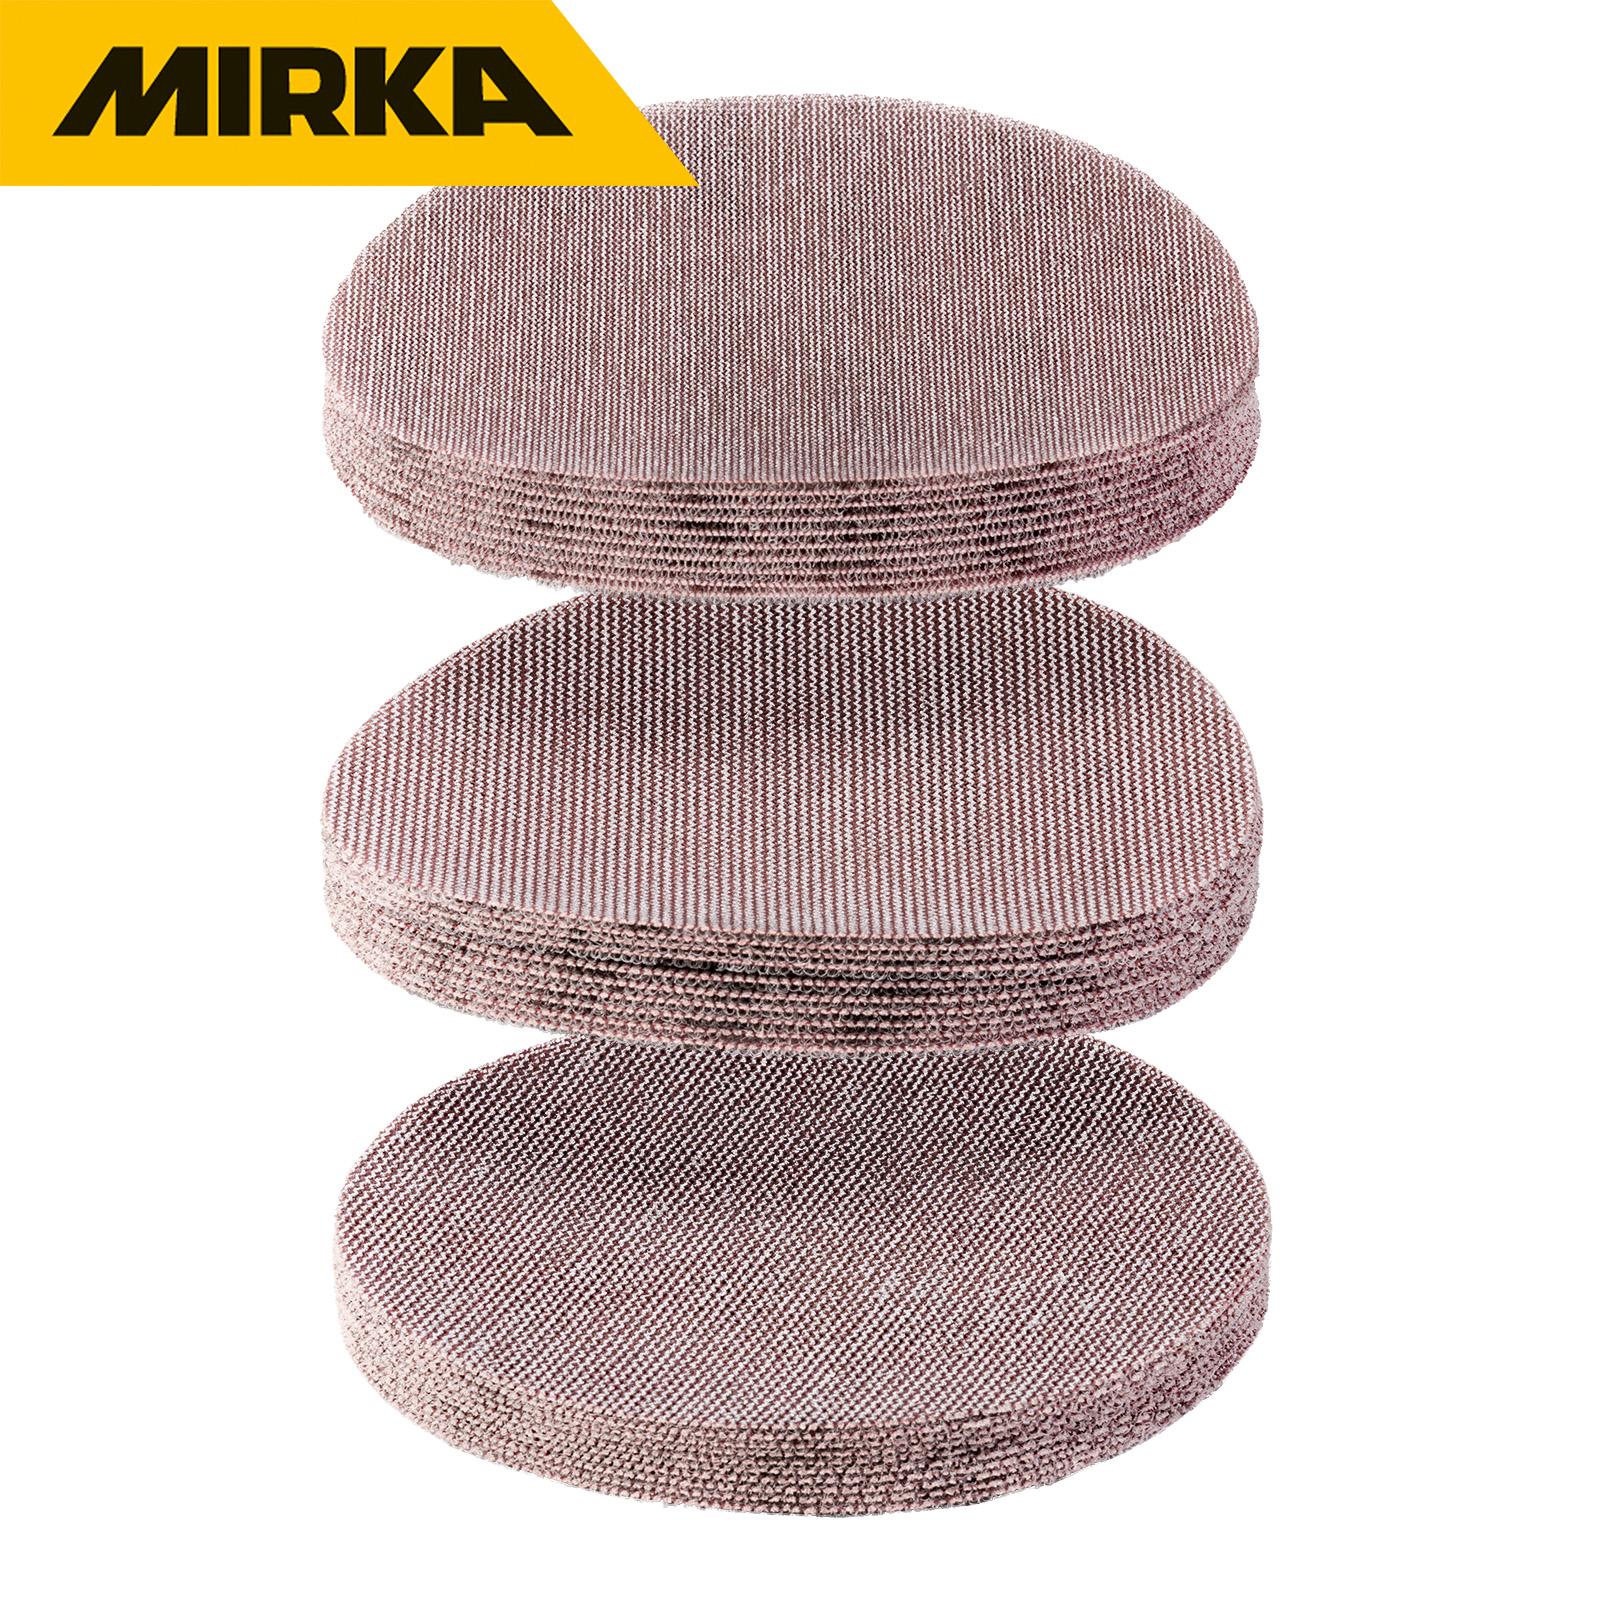 30er-Premium-Set Mirka Schleifscheibe Abranet   Ø 150 mm    für den Grobschliff